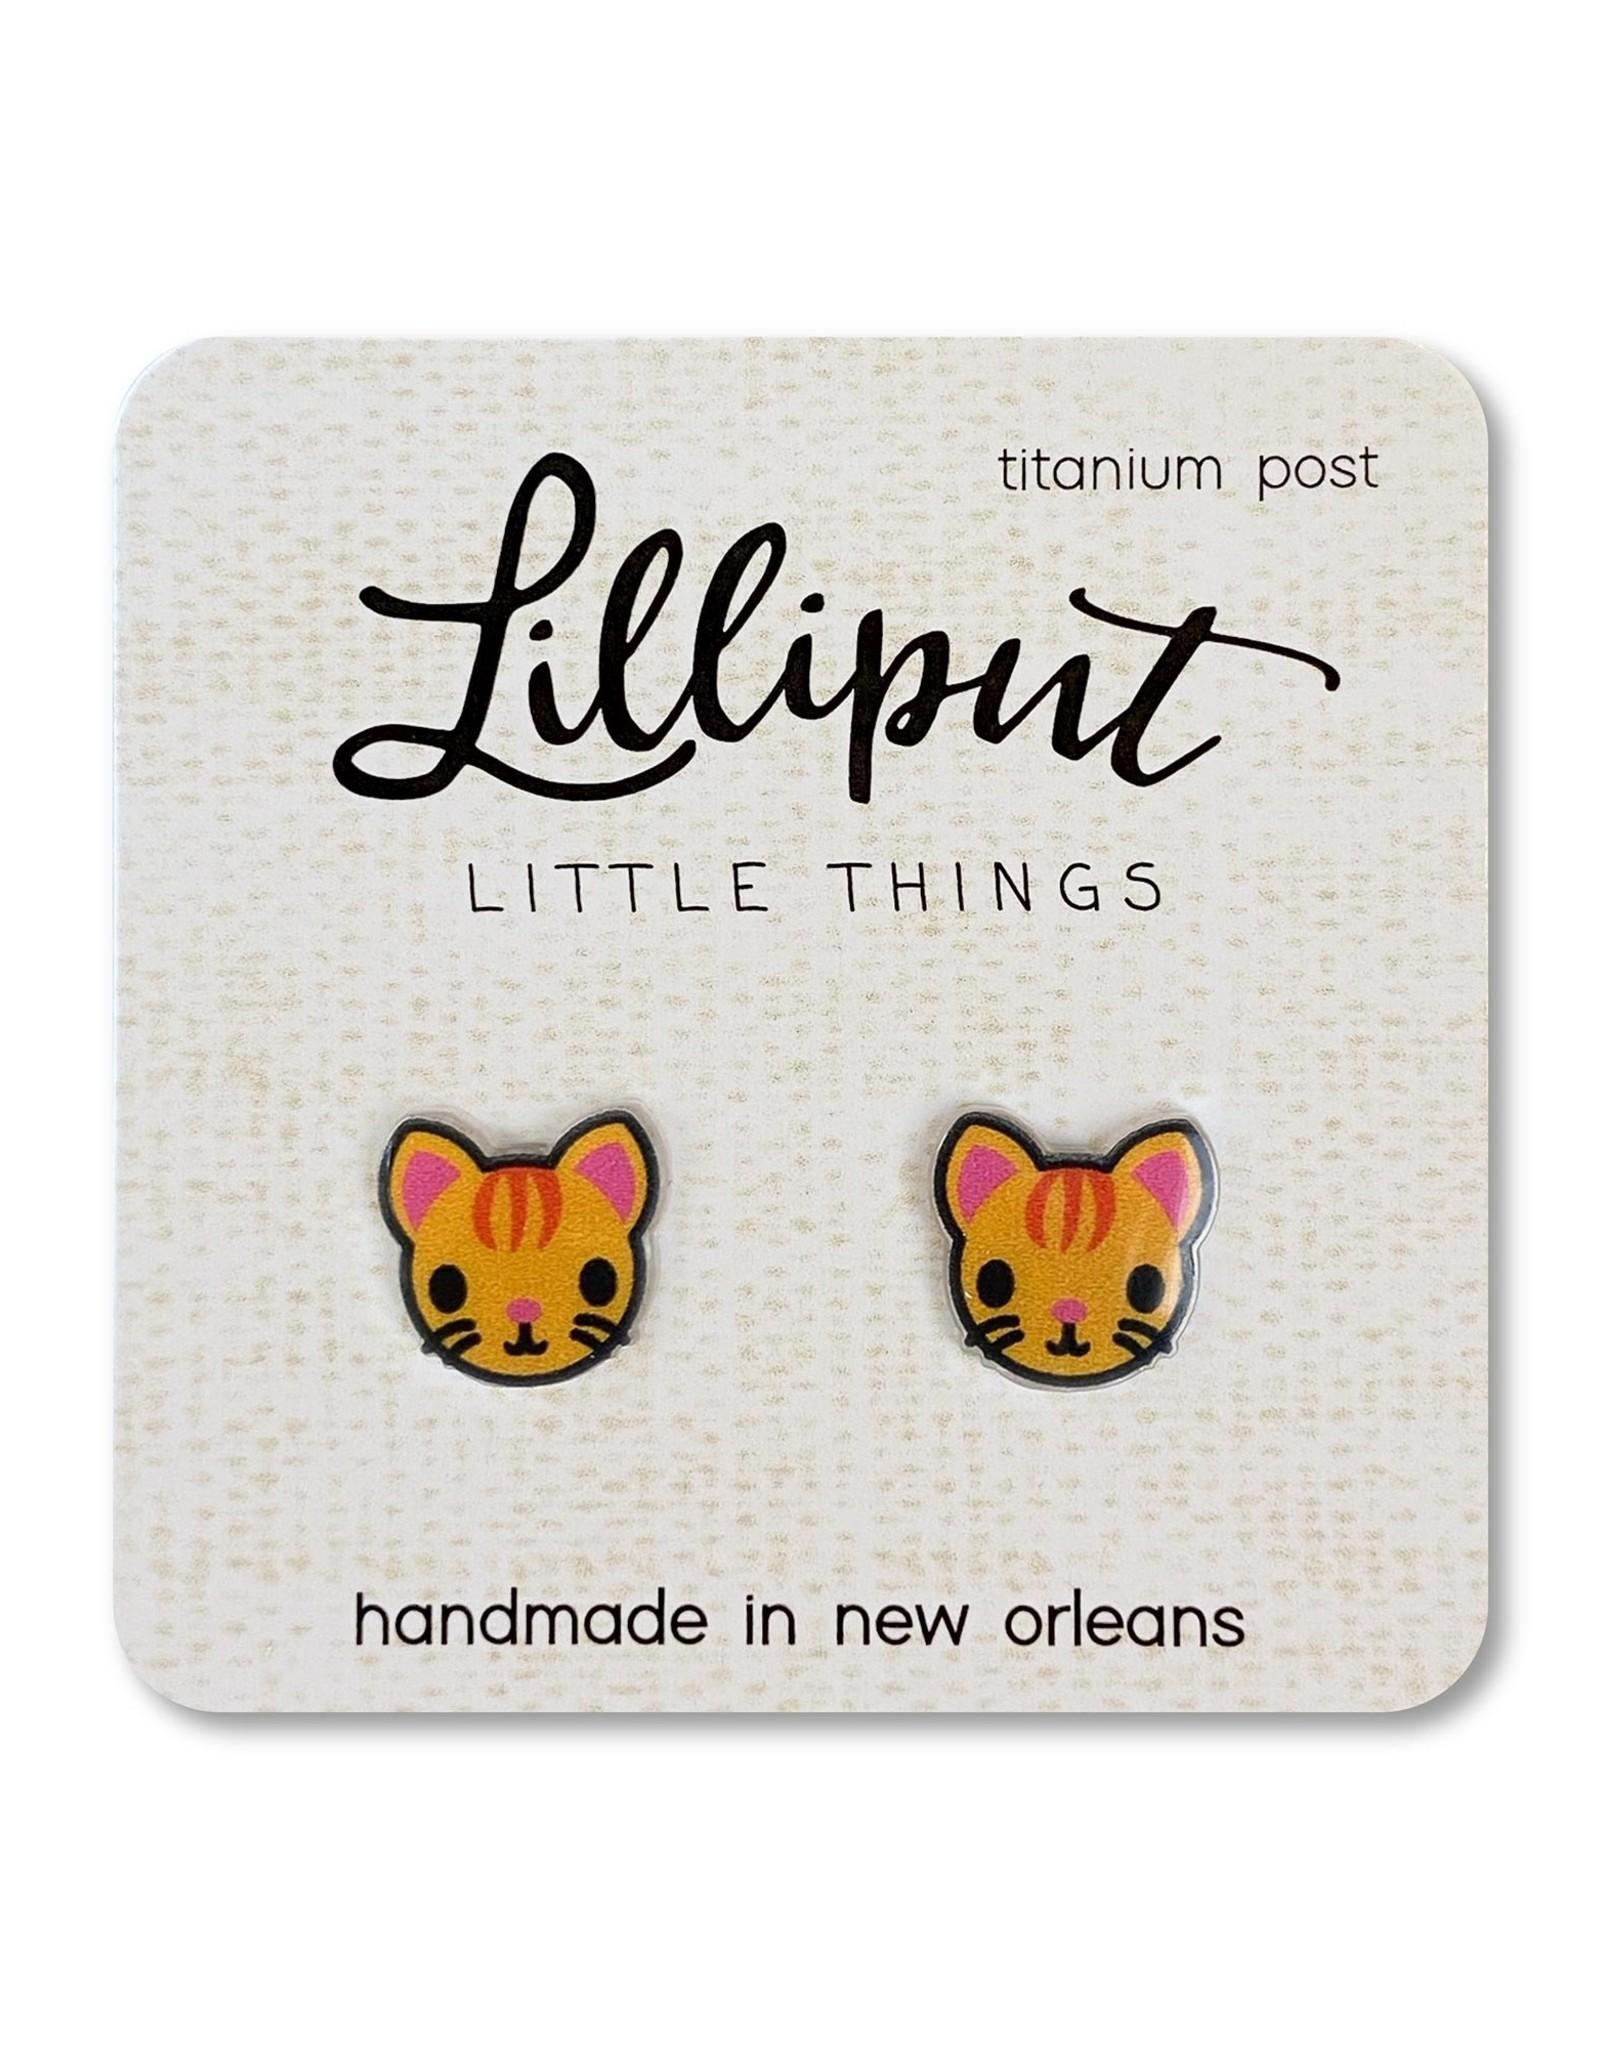 Orange Kitty Cat Earrings